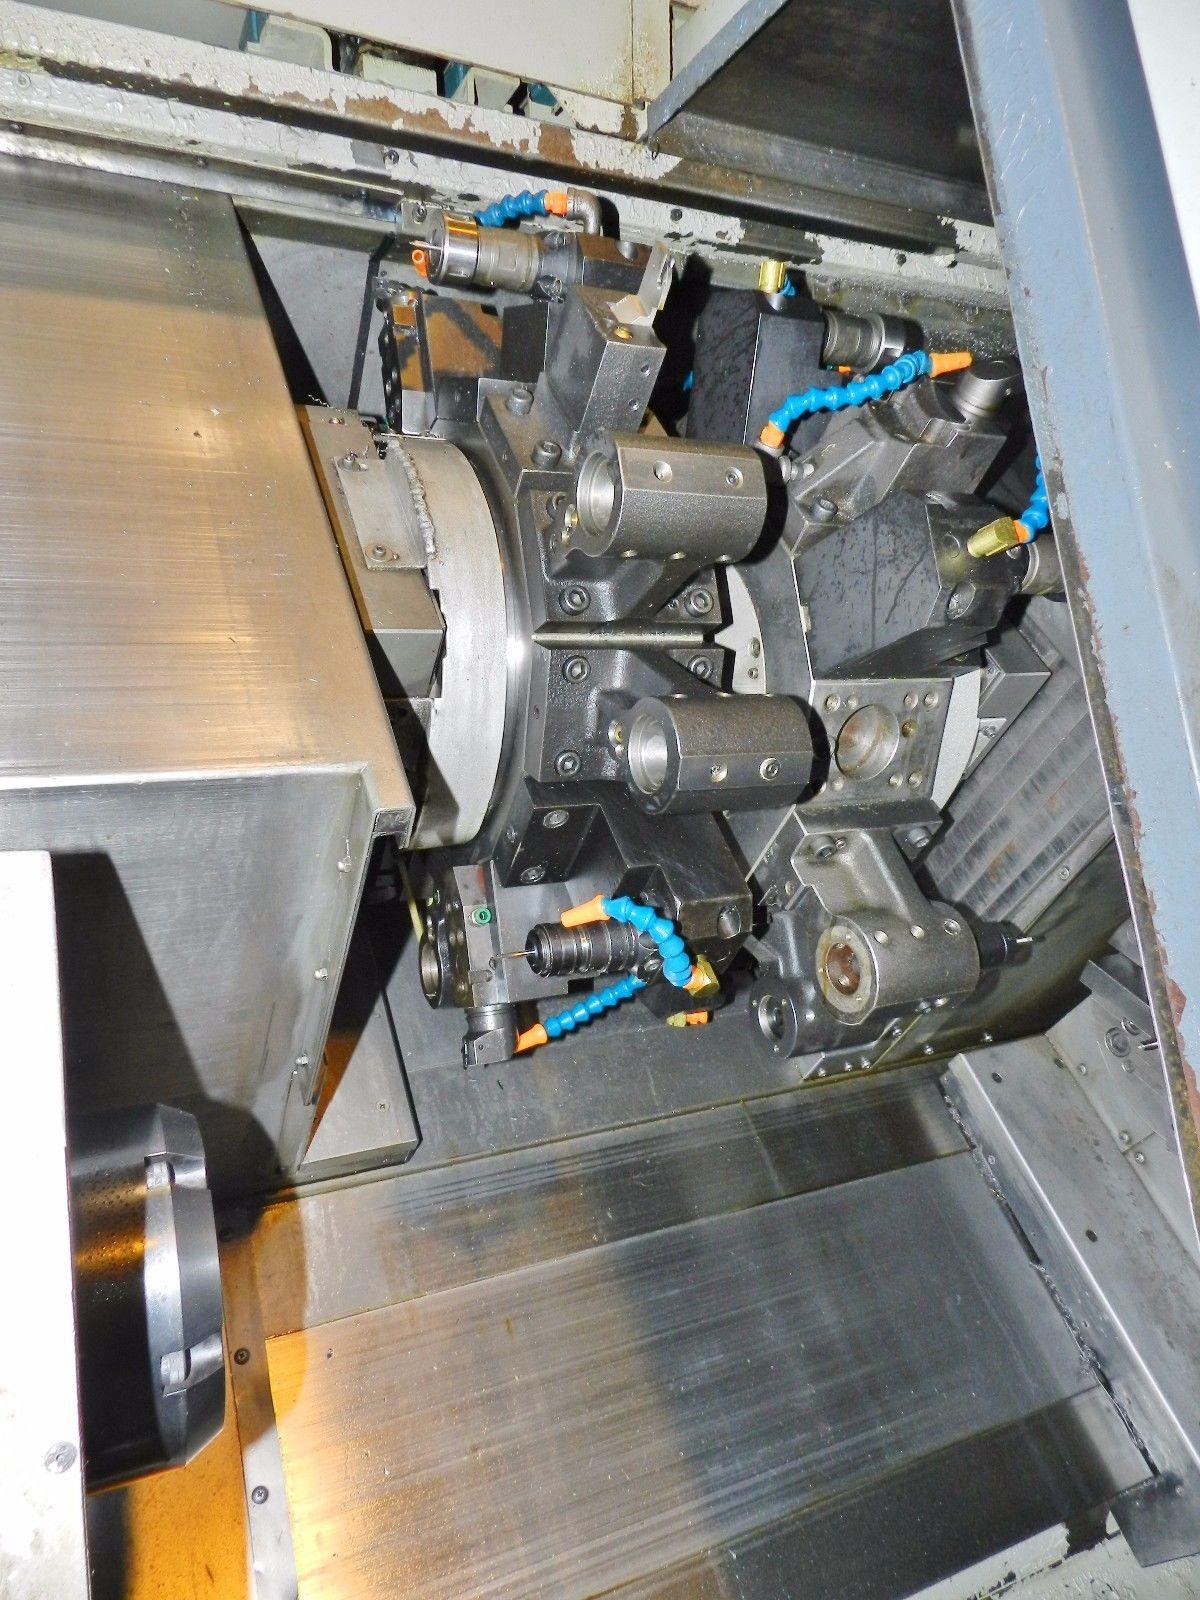 Lot 20 - Mori Seiki DL-20 Twin Spindle CNC Lathe